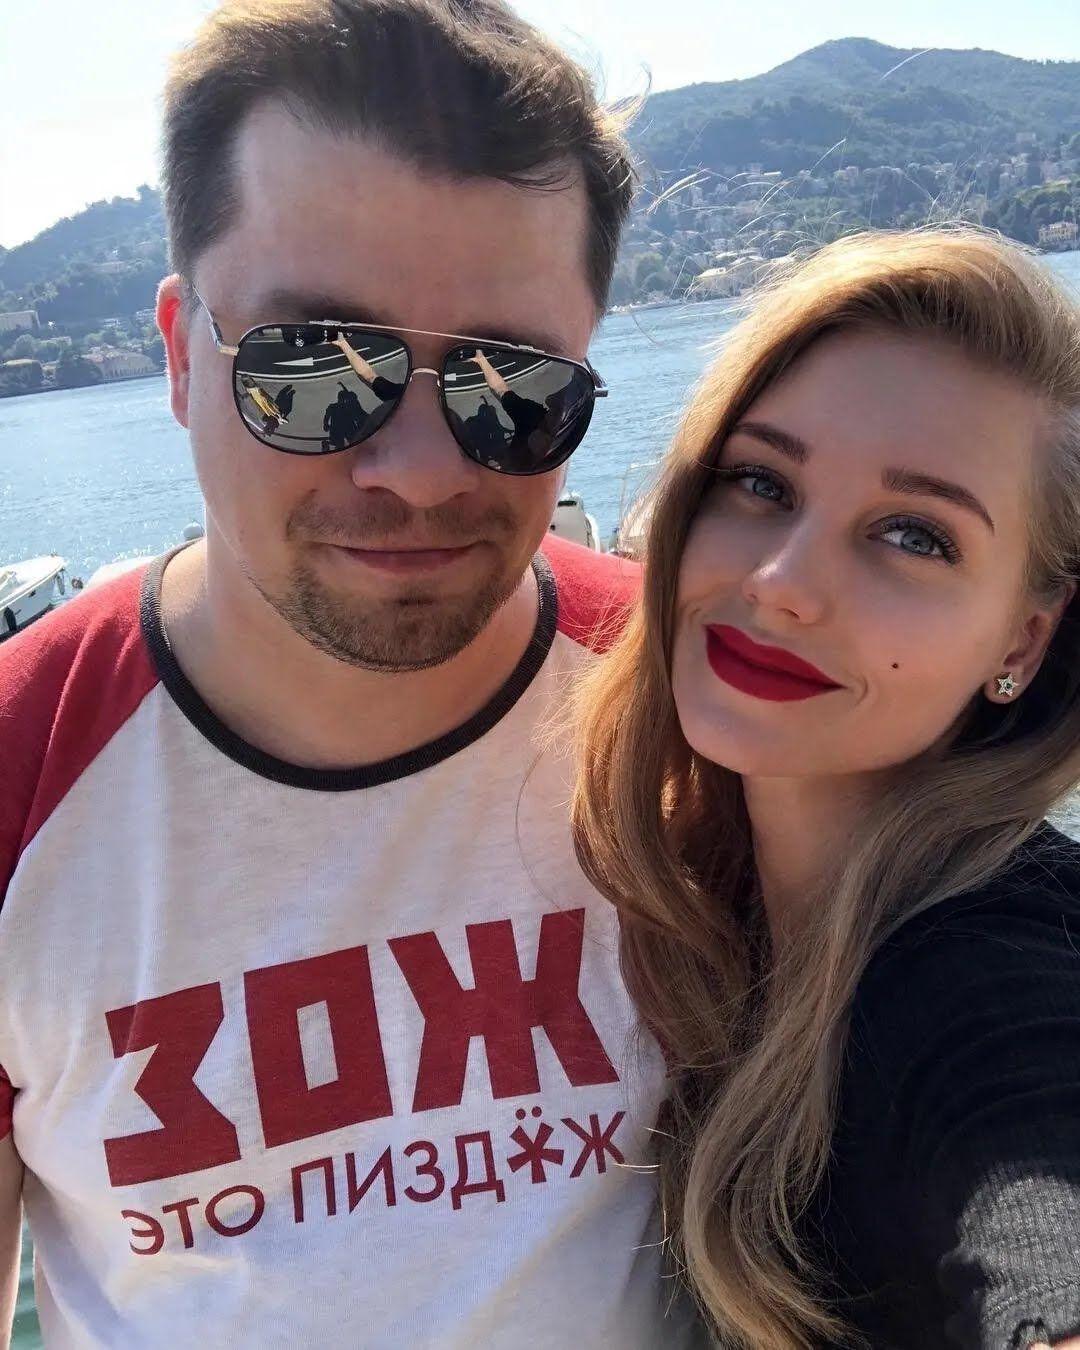 Христина Асмус була одружена з шоуменом Гаріком Харламовим